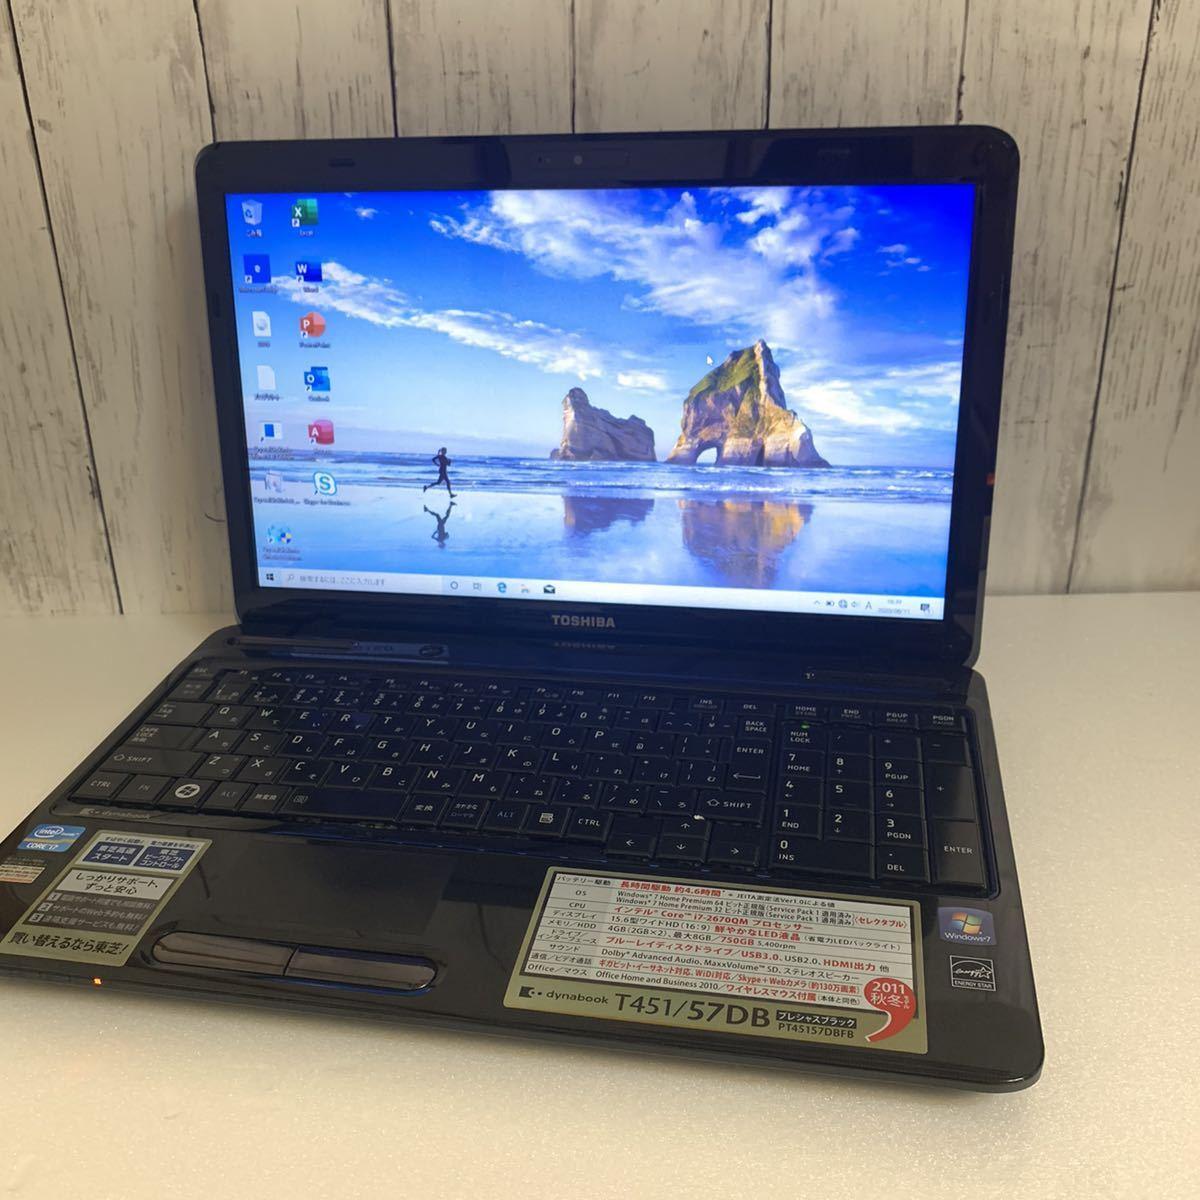 【新品爆速SSD512GB/高性能 Corei7-2670QM/8GB】東芝dynabookT451/57DB/Windows10/Office2019/ブルーレイ/webカメラ搭載/バッテリー新品